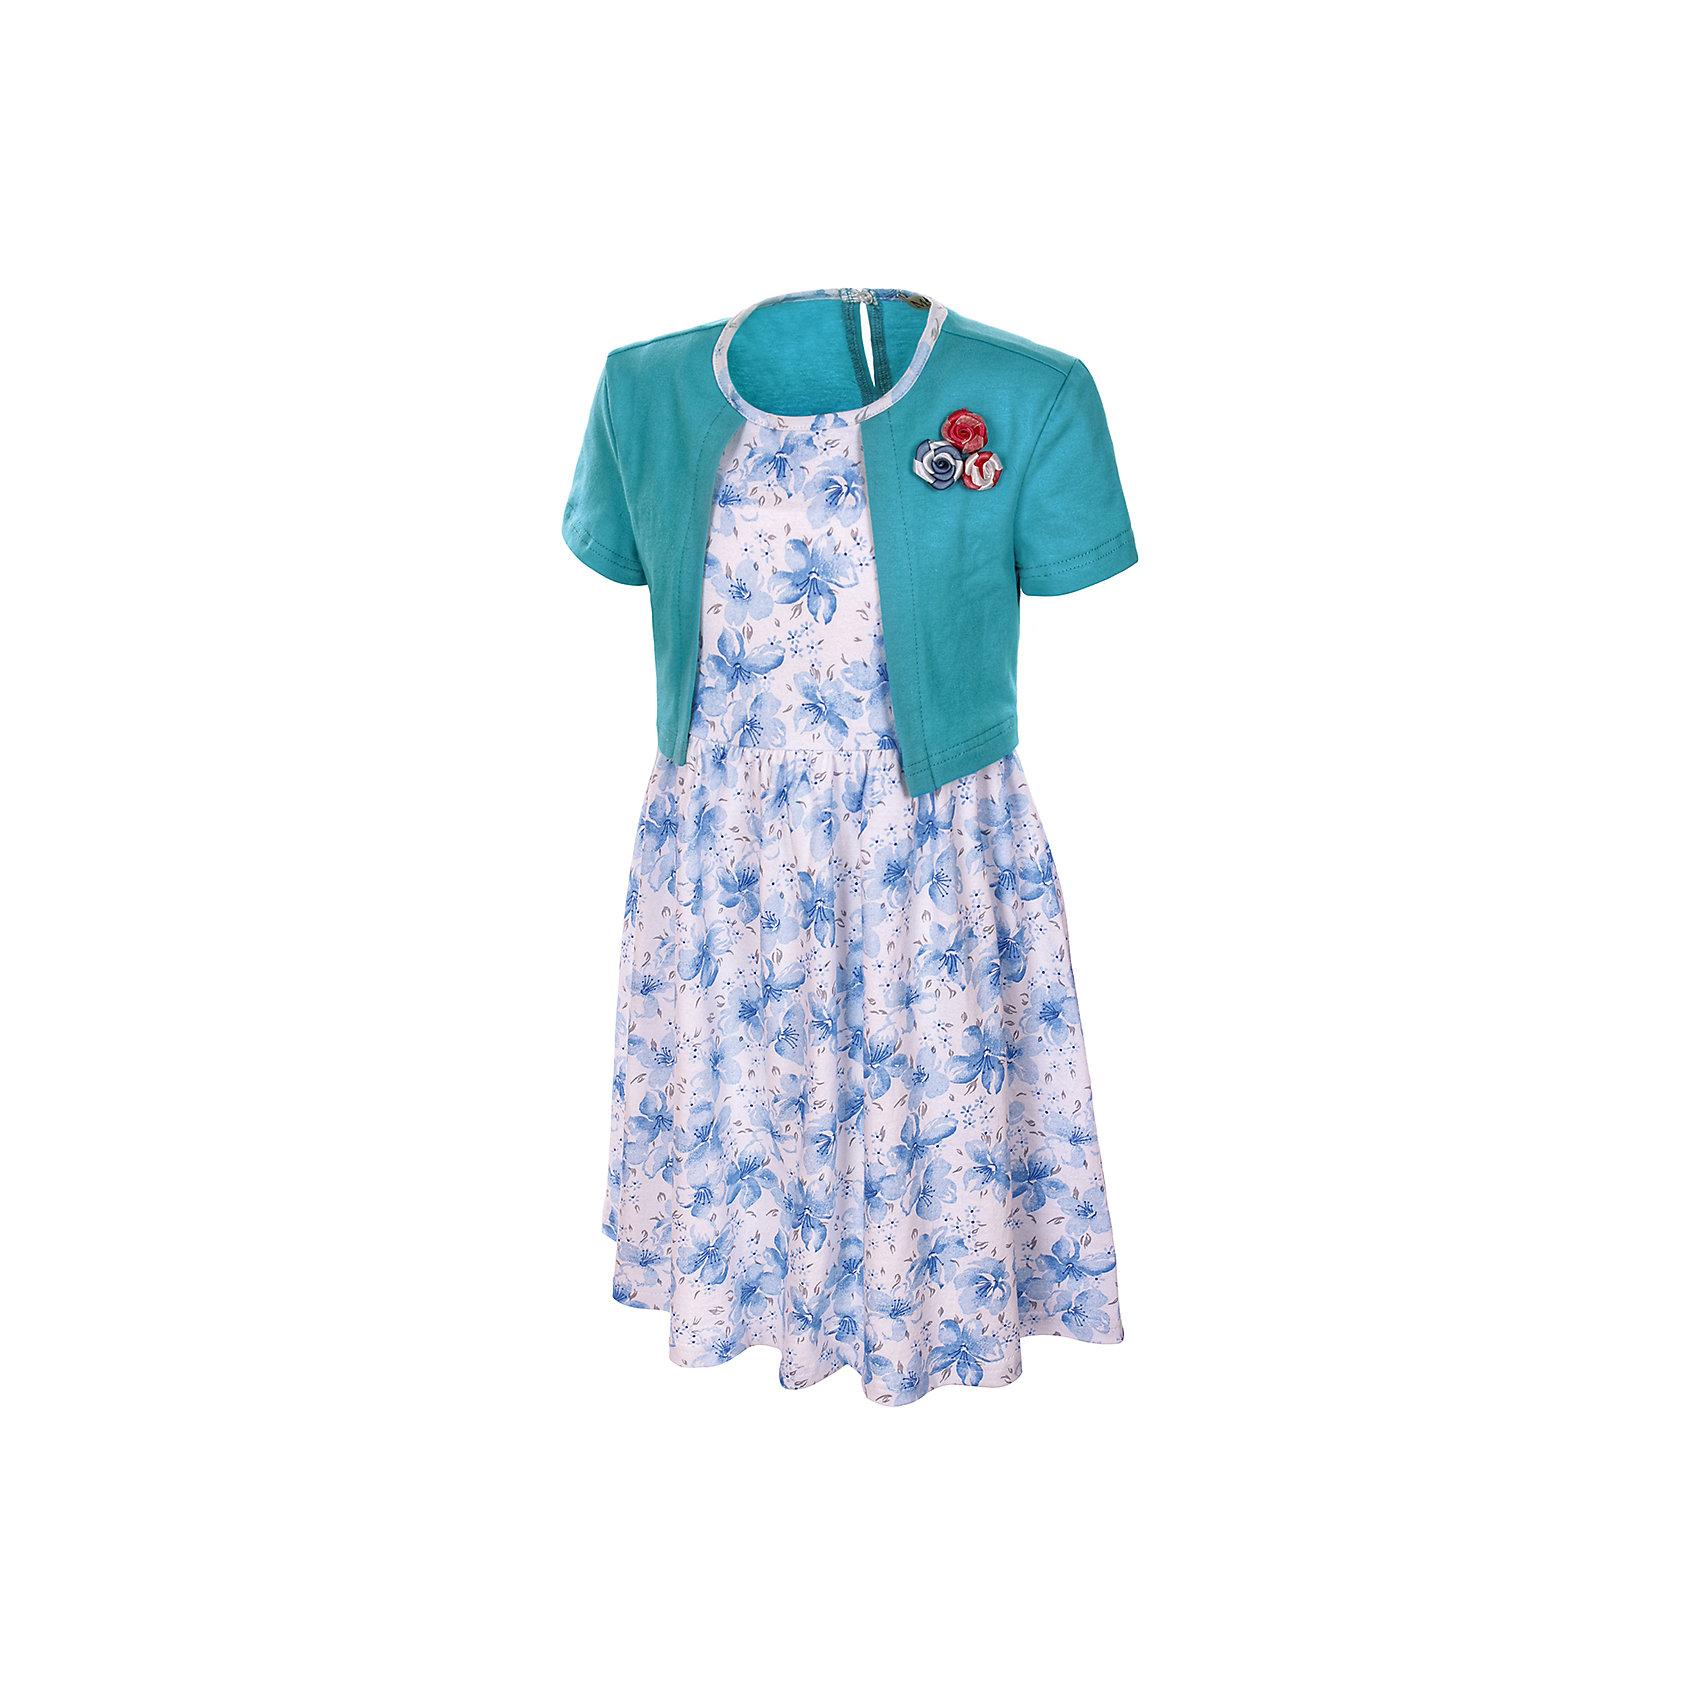 Платье M&amp;D для девочкиПлатья и сарафаны<br>Платье для девочки с болеро, декорированное цветами.<br>Короткий рукав,застежка на пуговицы, сборка по талии.<br>-соответствует размеру.<br>Рекомендуется предварительная стирка.<br><br><br>Состав:<br>100% хлопок<br><br>Ширина мм: 236<br>Глубина мм: 16<br>Высота мм: 184<br>Вес г: 177<br>Цвет: голубой<br>Возраст от месяцев: 24<br>Возраст до месяцев: 36<br>Пол: Женский<br>Возраст: Детский<br>Размер: 98,104,110,116,122<br>SKU: 7012469